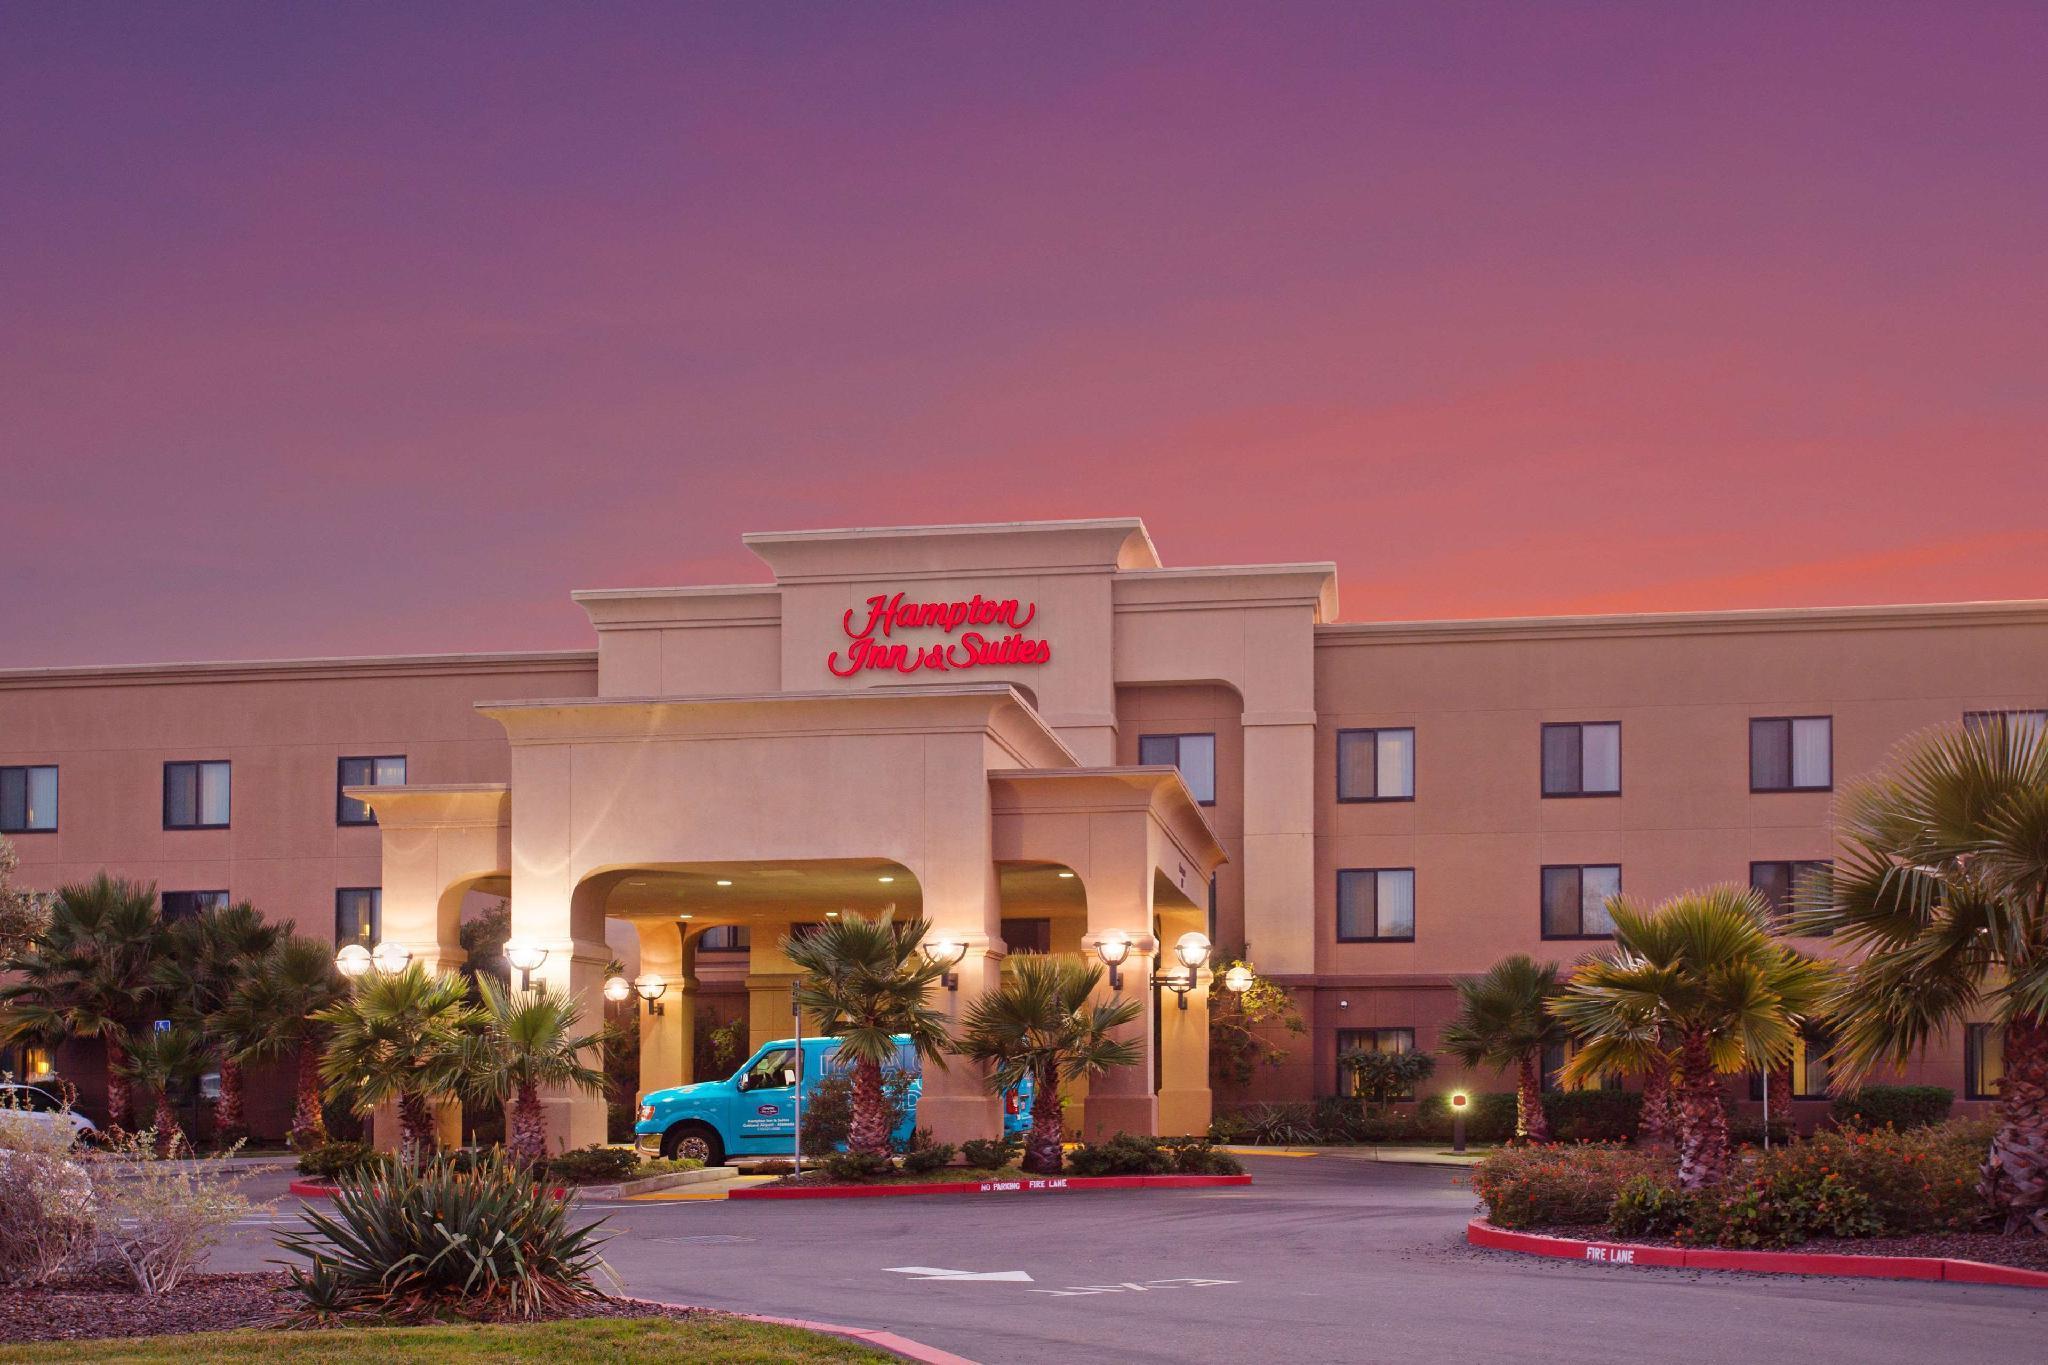 Hampton Inn Suites Oakland AirportAlameda